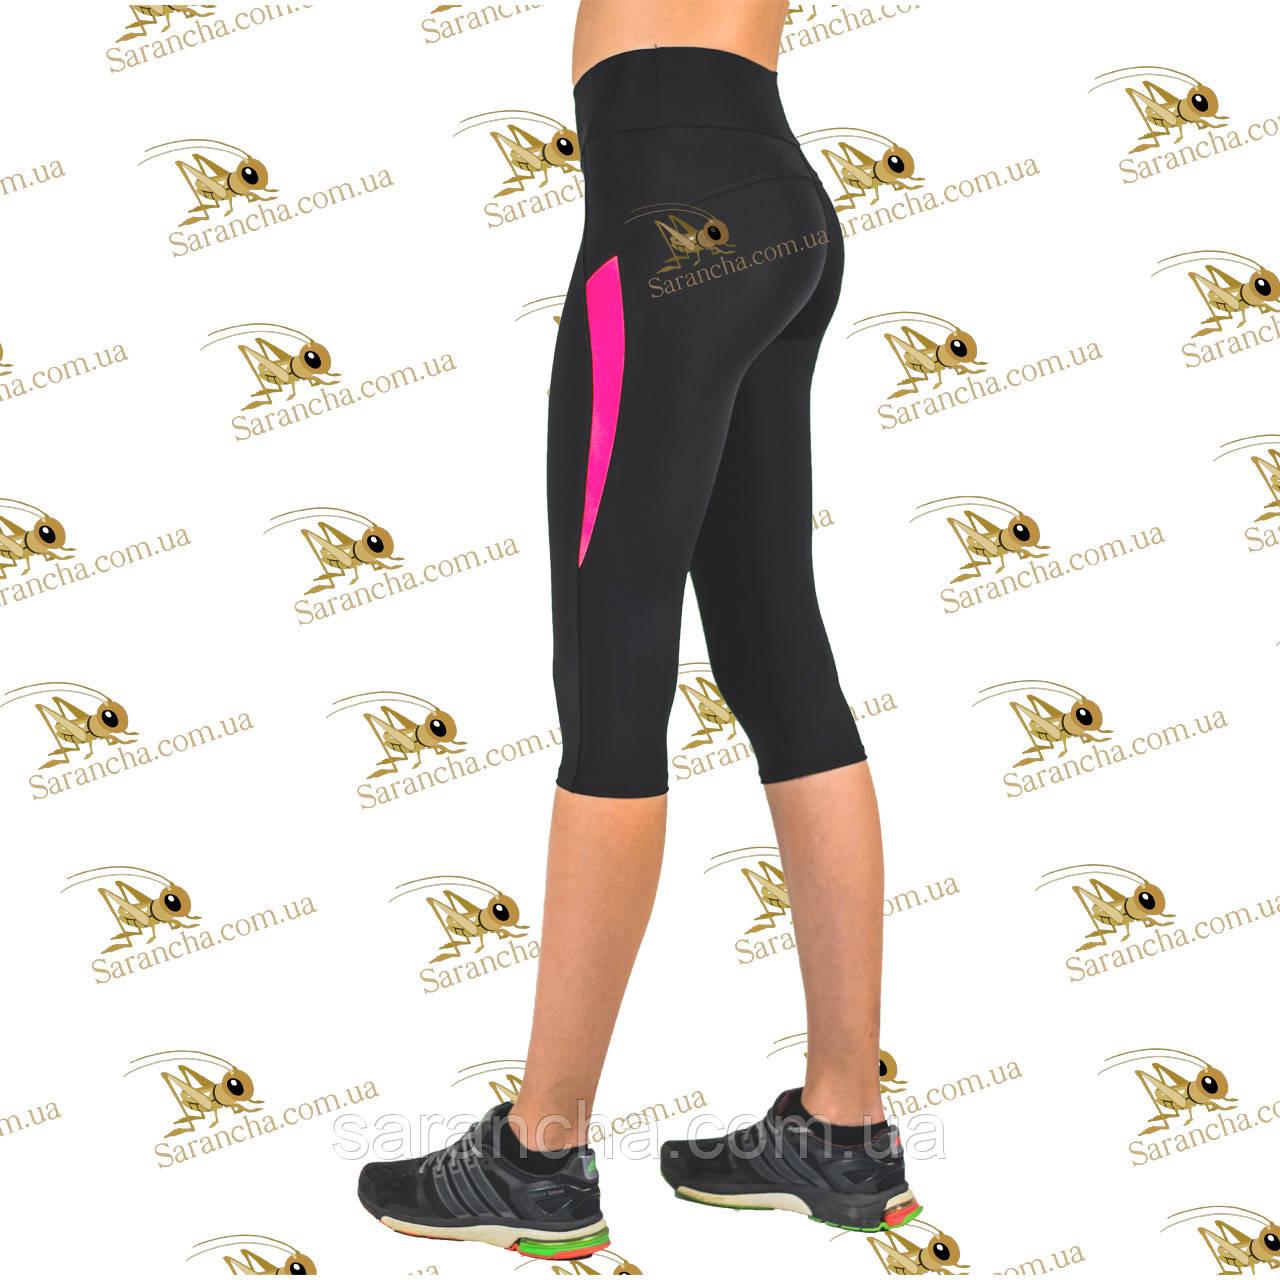 Женские спортивные бриджи черный со вставками фуксия